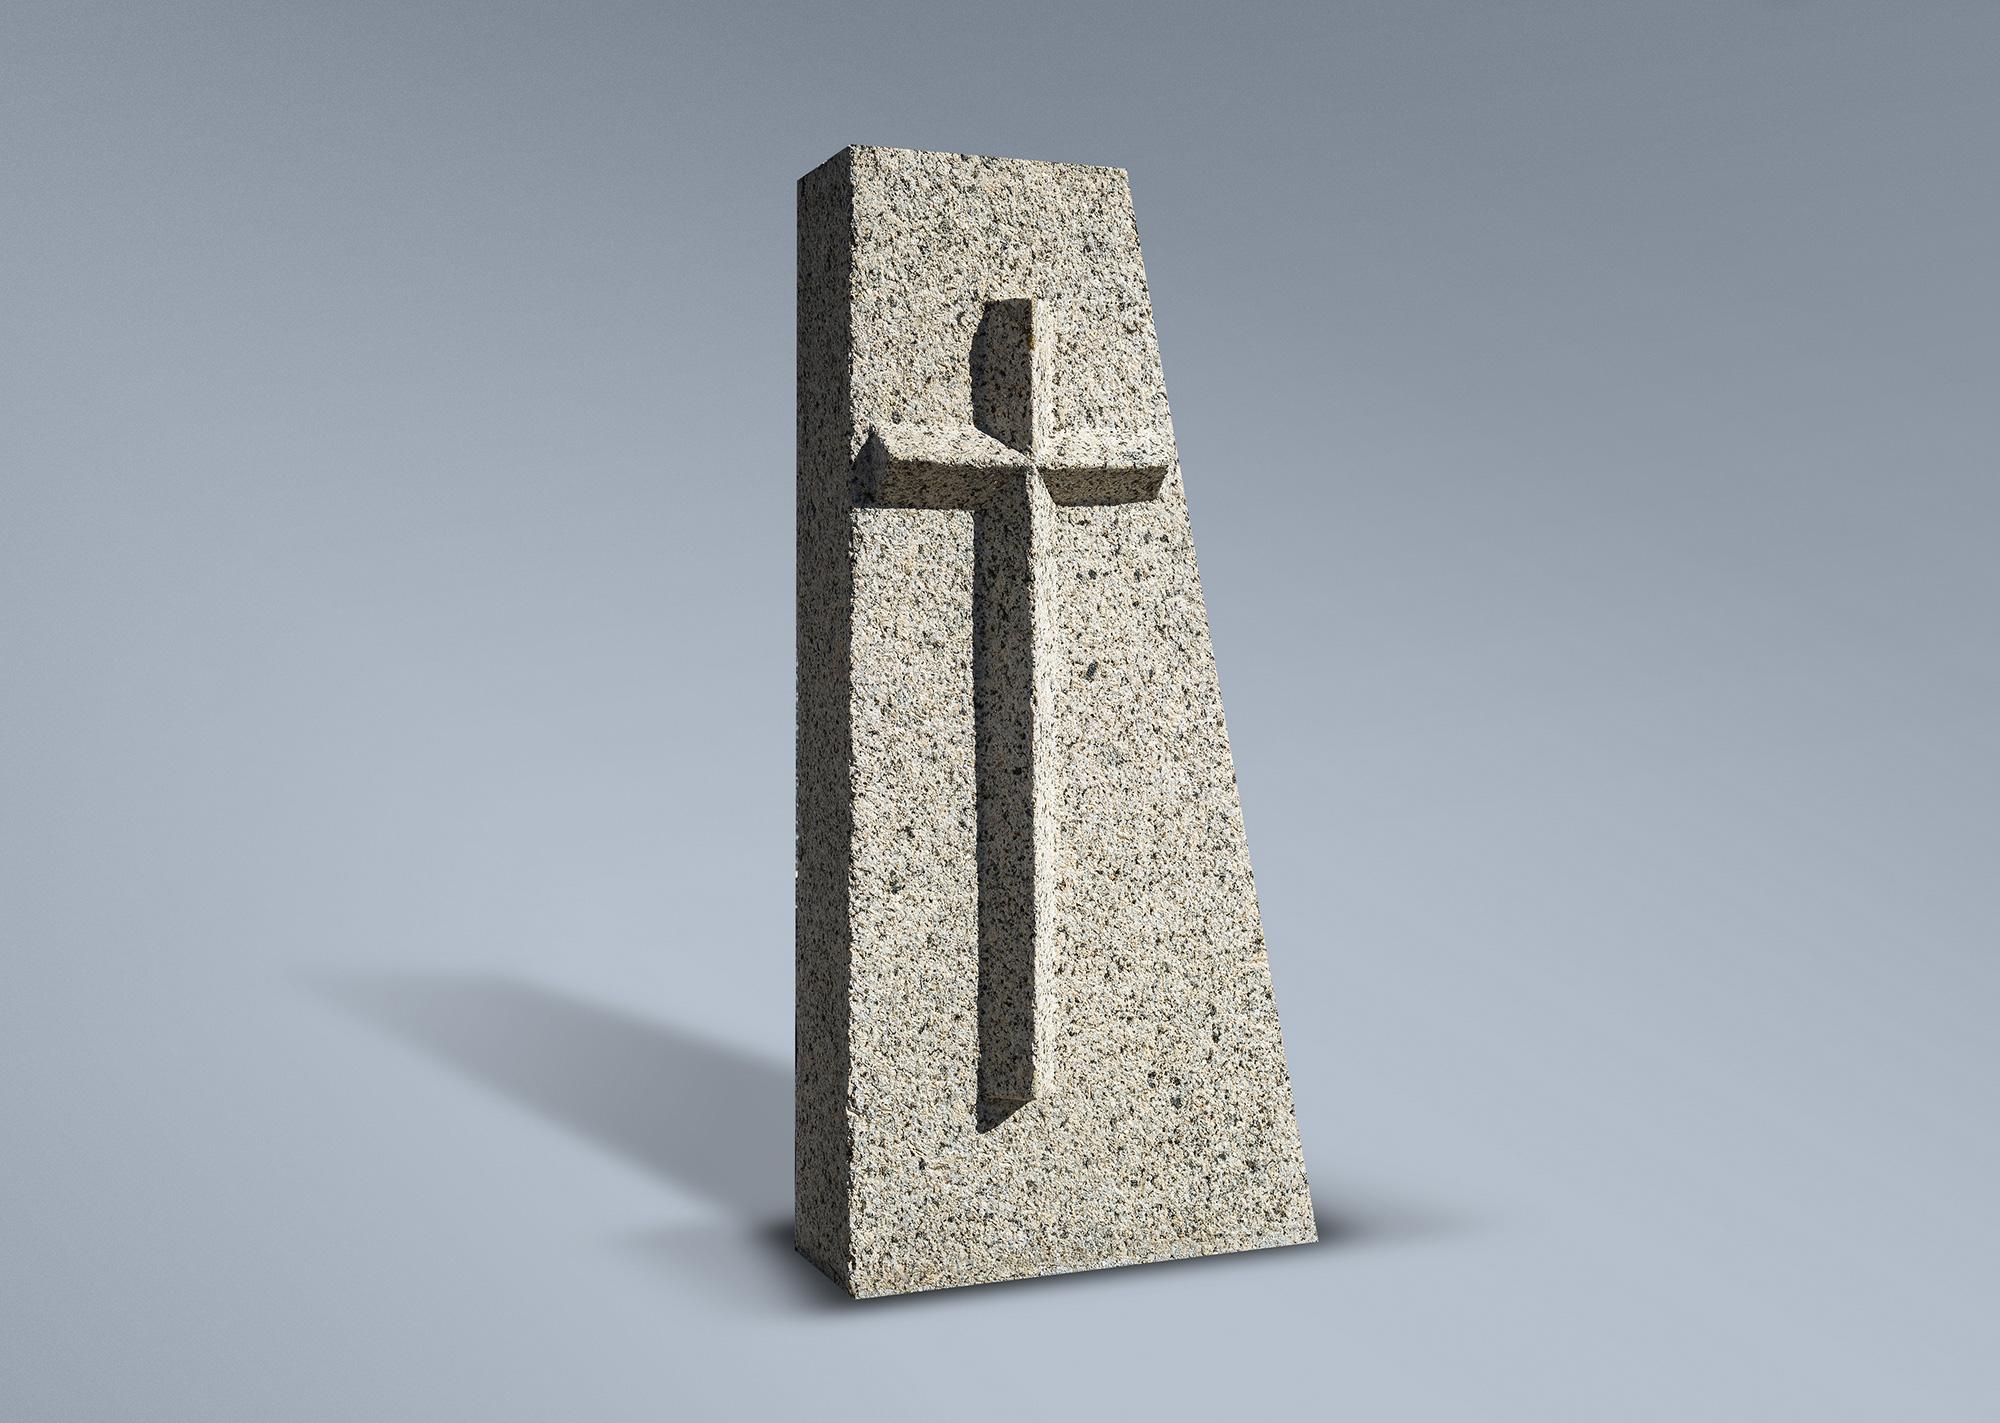 Frente panteón con cruz en relieve